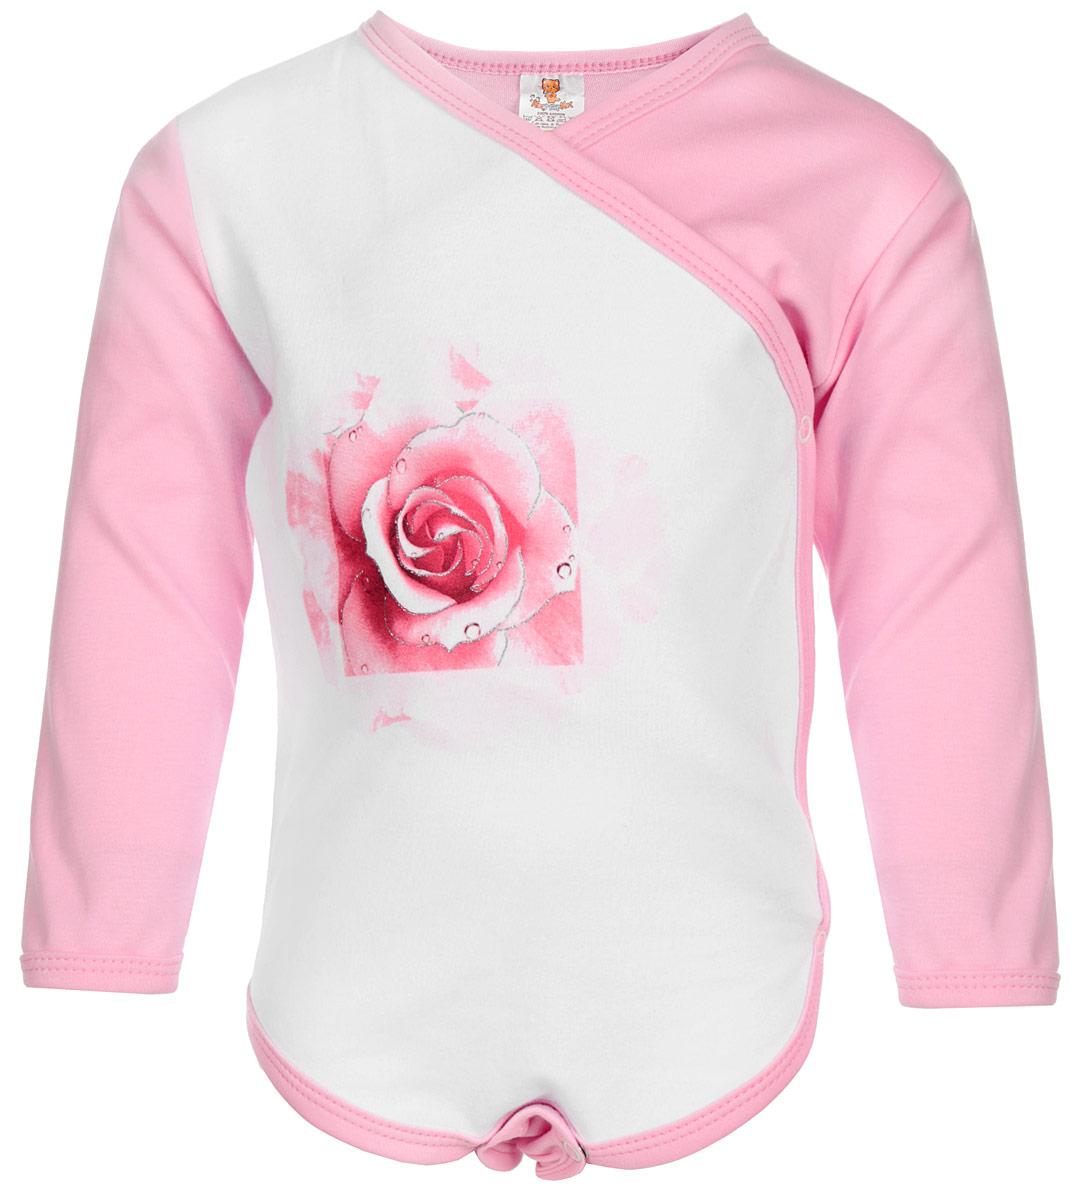 Боди для девочки КотМарКот, цвет: розовый, белый. 9863. Размер 86, 12-18 месяцев9863Удобное боди для девочки КотМарКот послужит идеальным дополнением к гардеробу вашей малышки, обеспечивая ей наибольший комфорт. Боди с длинными рукавами и V-образным вырезом горловины изготовлено из натурального хлопка-интерлок, благодаря чему оно необычайно мягкое и легкое, не раздражает нежную кожу ребенка и хорошо вентилируется. Модель дополнена запахом и застежками-кнопками по левому боку и на ластовице, что помогает с легкостью переодеть малышку или сменить подгузник. Спереди изделие украшено изящной розой с добавлением блеска. Горловина, запахи, край рукава и пройма для ножек дополнены трикотажной бейкой.Боди полностью соответствует особенностям жизни ребенка в ранний период, не стесняя и не ограничивая его в движениях. В нем ваша малышка всегда будет в центре внимания.